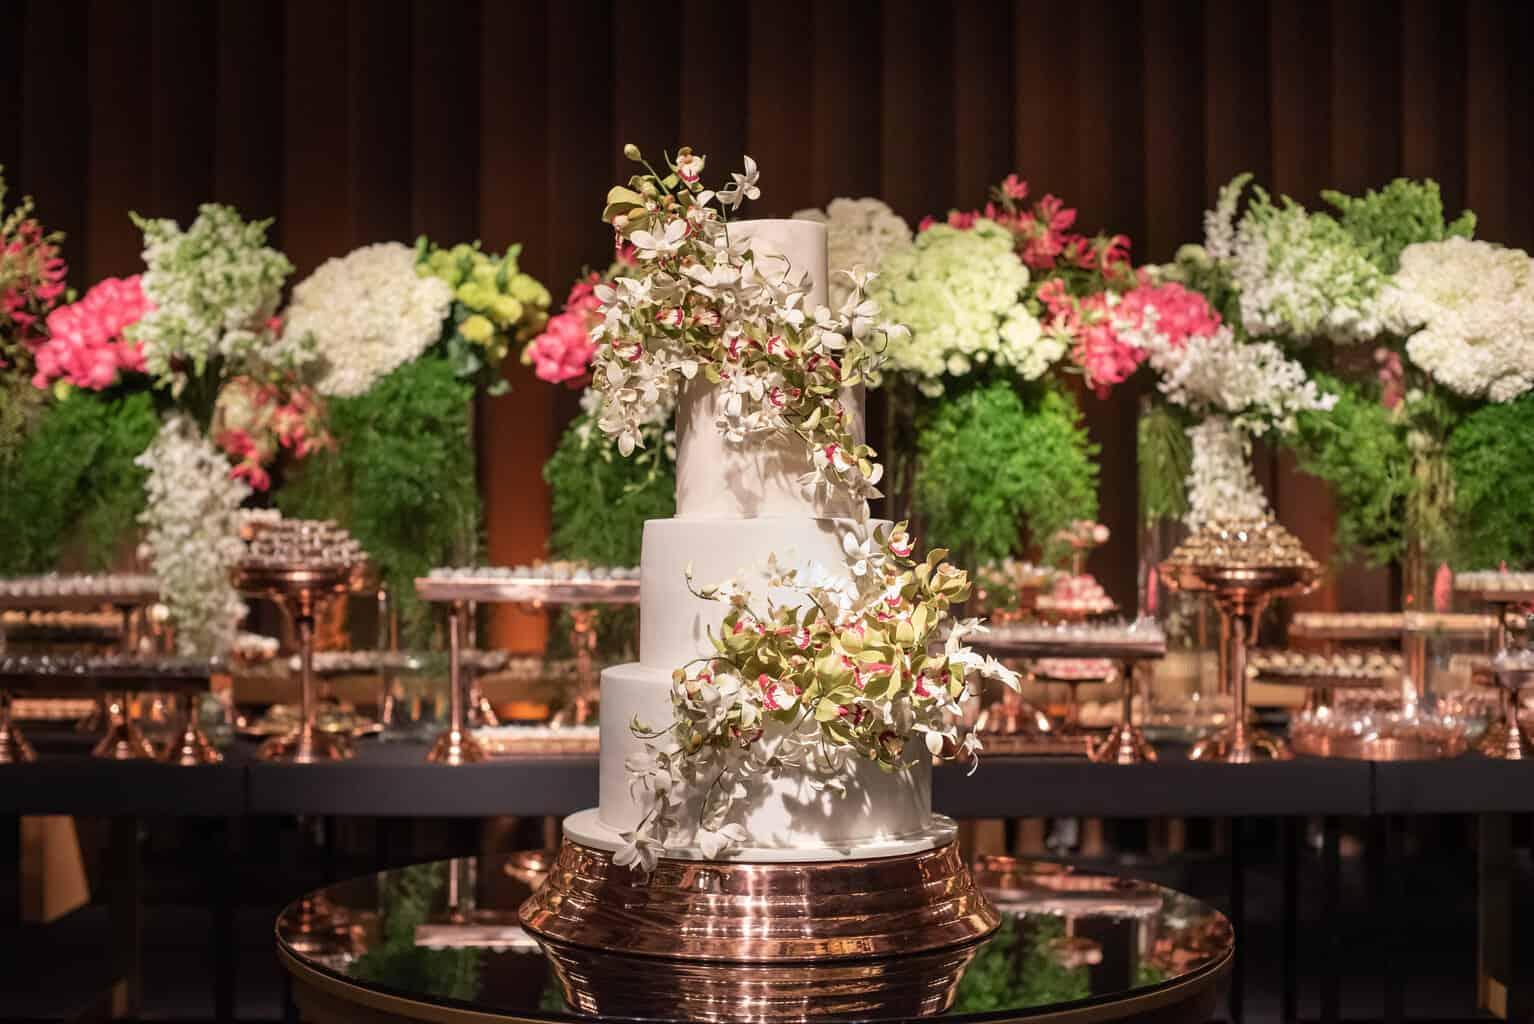 casamento-Karynna-e-Fernando-cerimonial-TCD-Eventos-decoração-Eugenia-Guerrera-Decoração-Melanie-Schmid-fotografia-Marina-Fava16